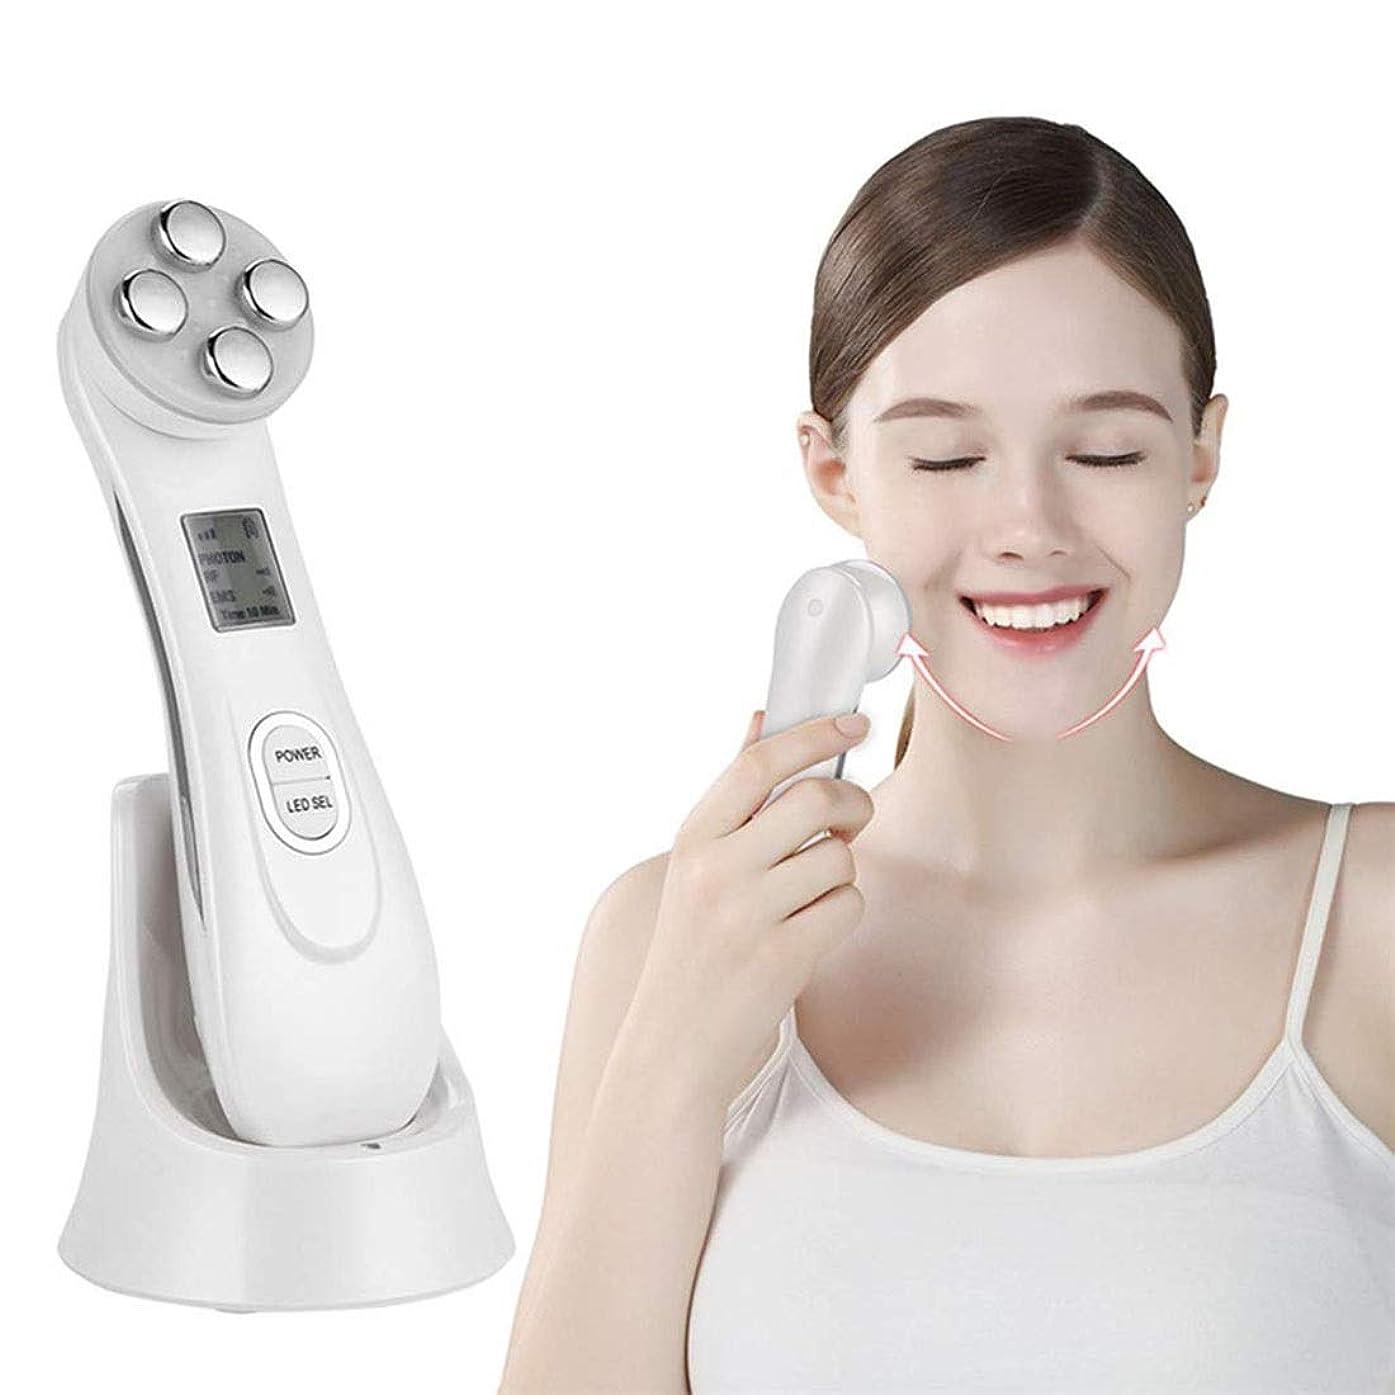 びん自伝考えたSkin Tightening Machine Skin Tightening Machine, 5 In 1 Face Massager Facial Remover Wrinkle Skin Care Beauty Machine Anti-aging